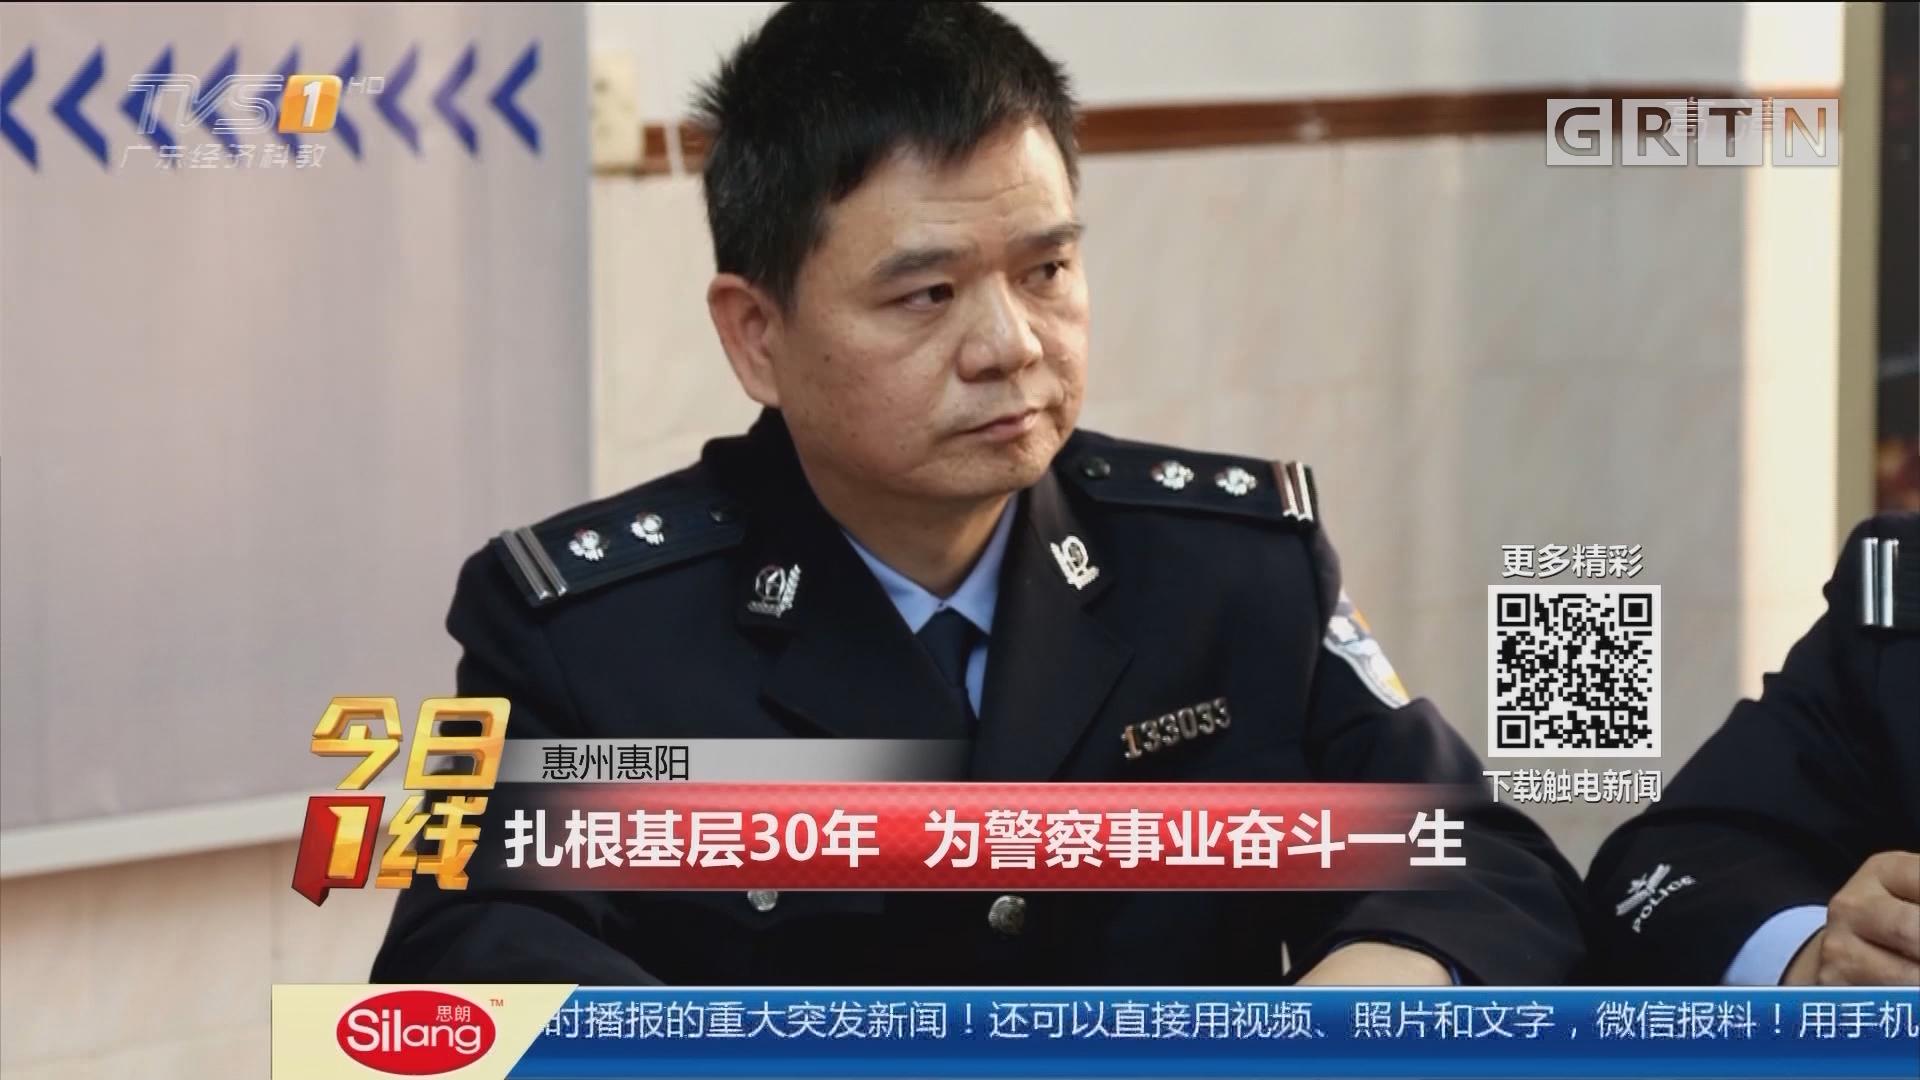 惠州惠阳:扎根基层30年 为警察事业奋斗一生